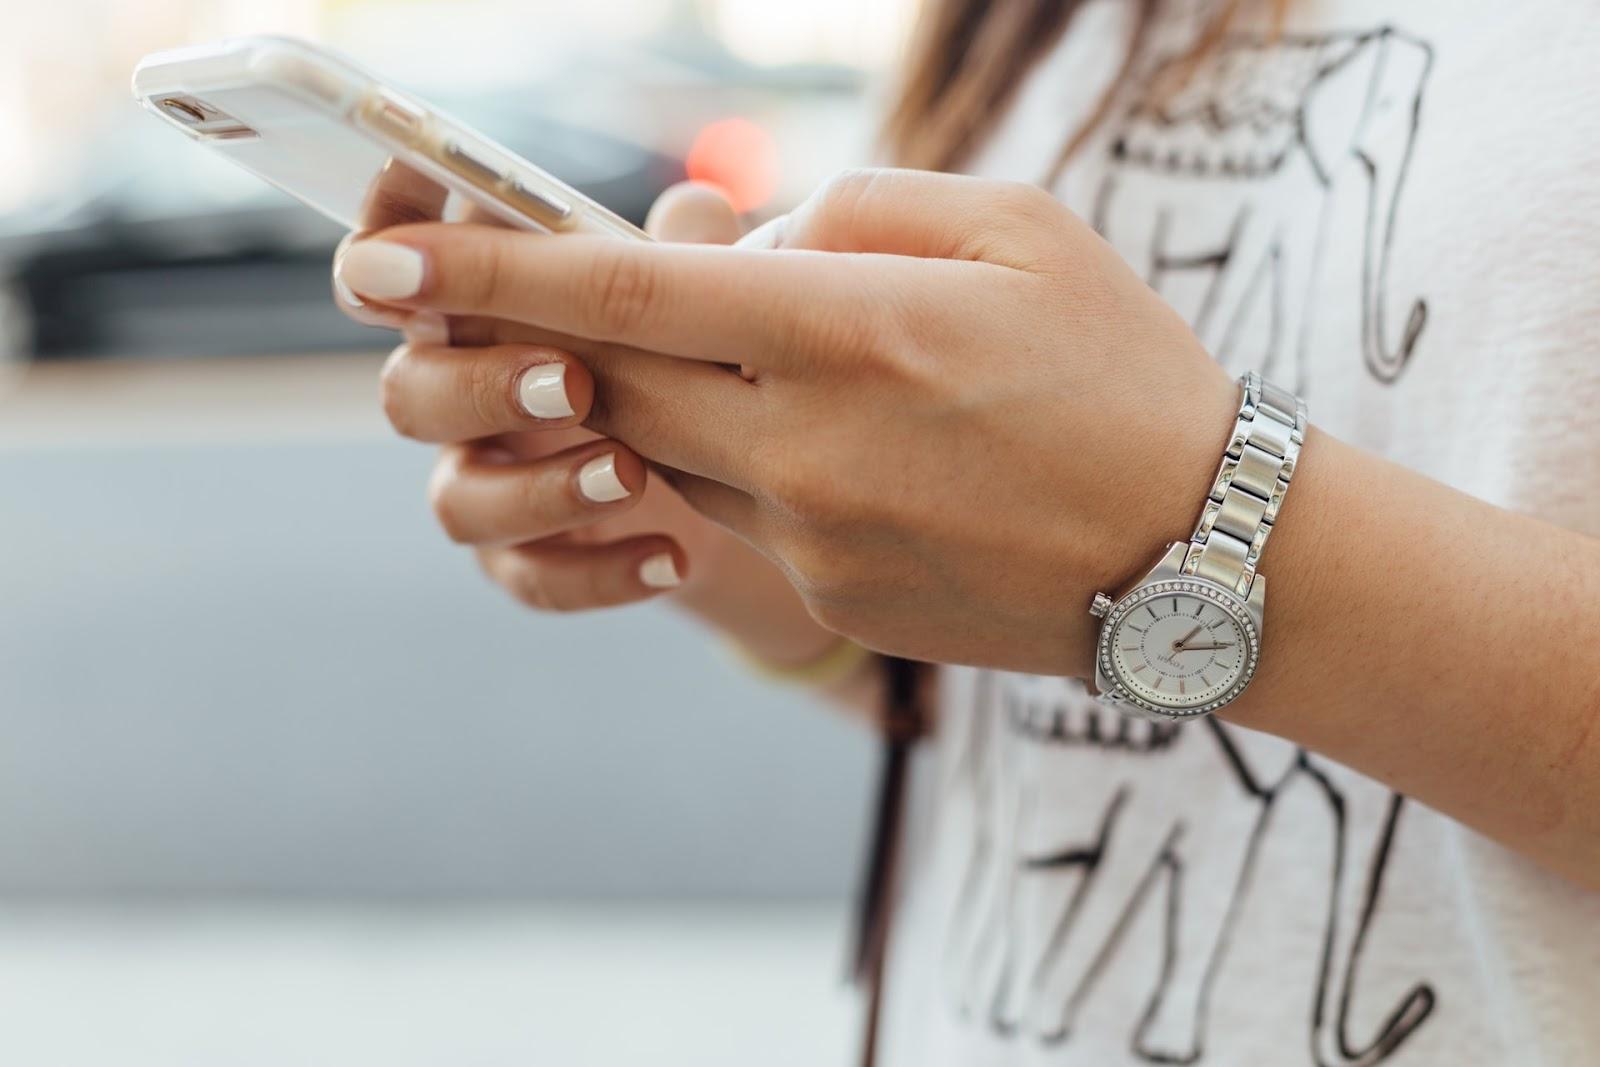 A geração Z cresceu com a internet e smartphone, de modo que a fronteira entre digital e real não existe para eles (Imagem: Paul Hanaoka/Unsplash)